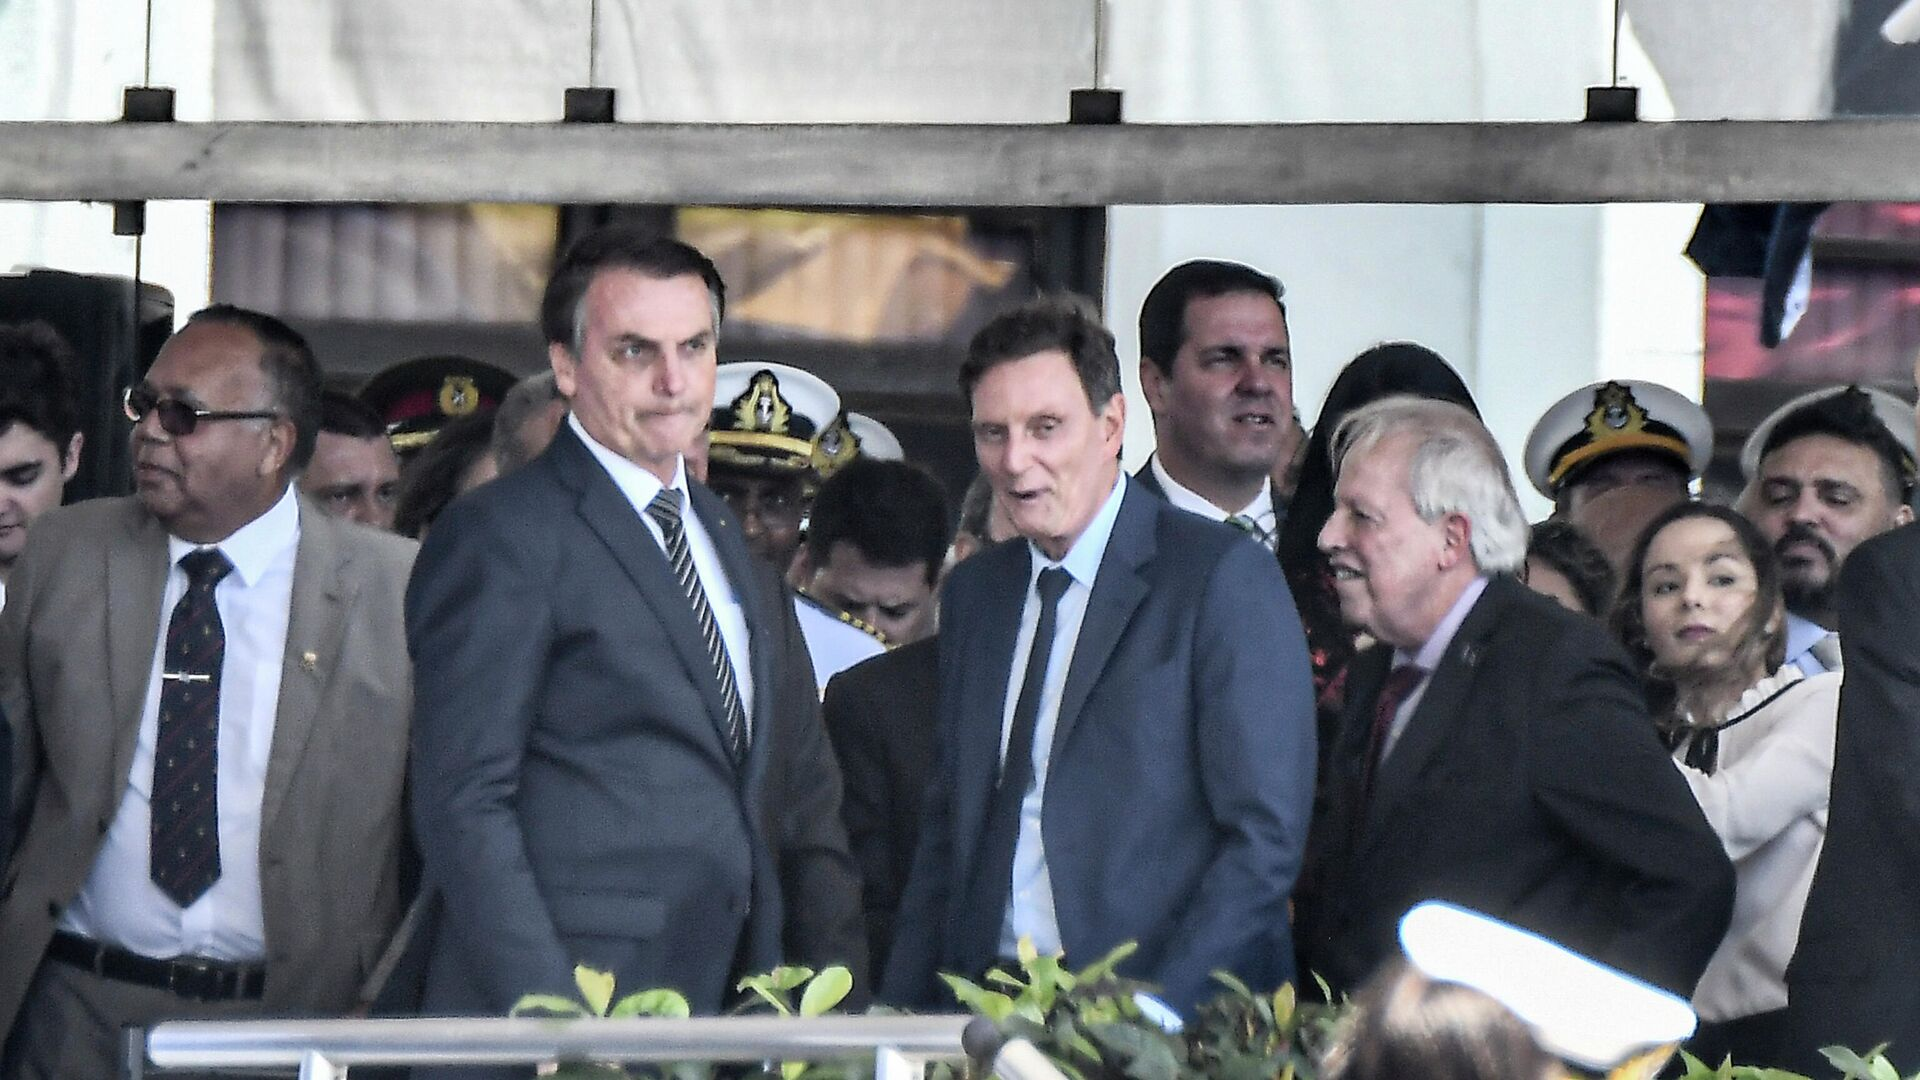 El presidente de Brasil, Jair Bolsonaro, y el exalcalde de Rio de Janeiro, Marcelo Crivella, durante un acto en 2019 - Sputnik Mundo, 1920, 11.06.2021